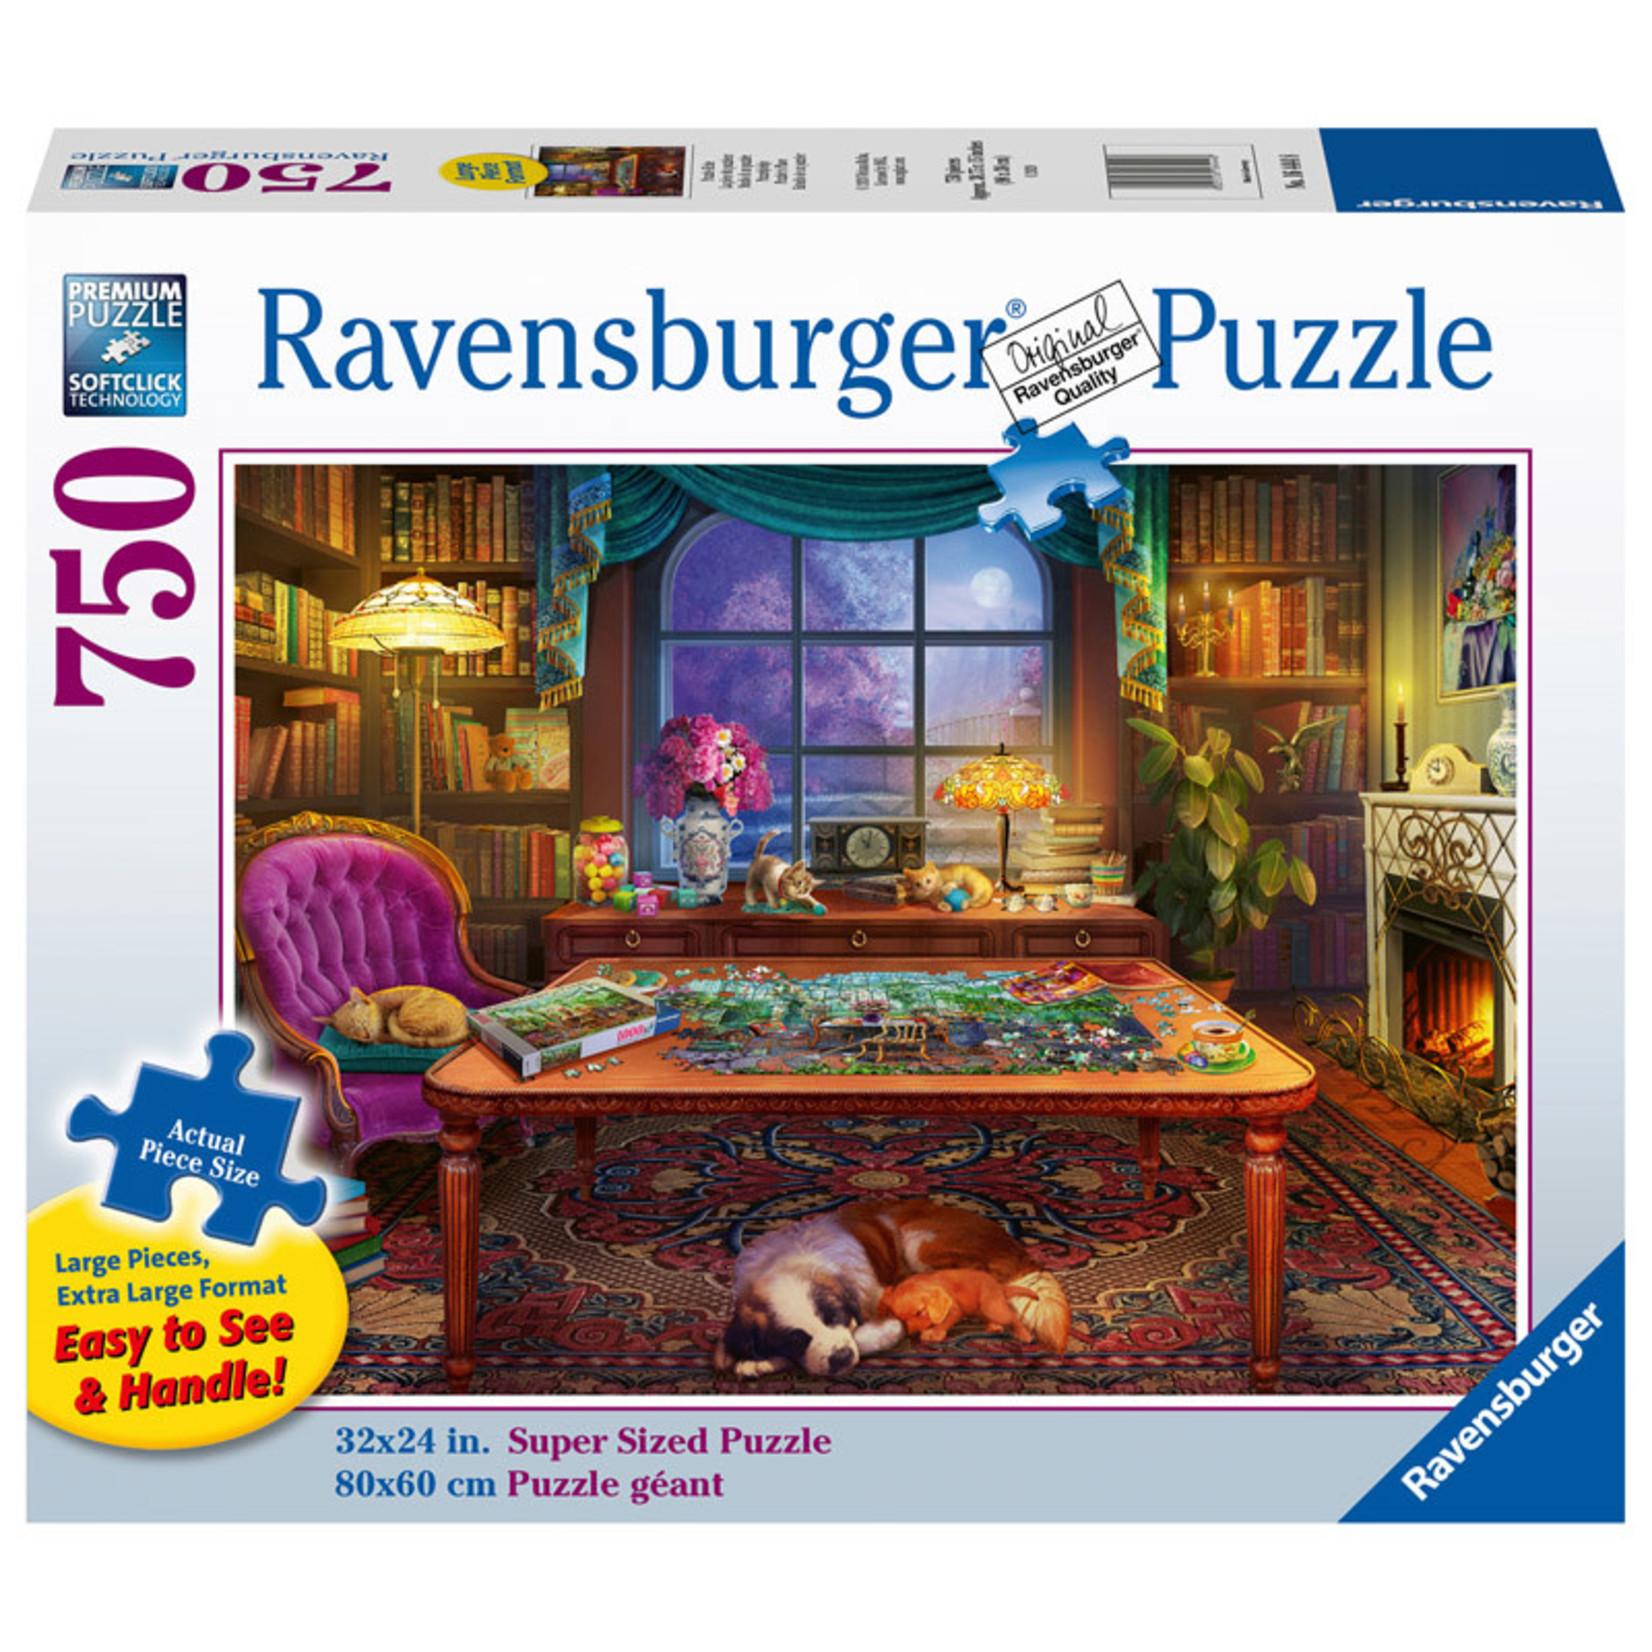 Ravensburger Puzzler's Place 750pc